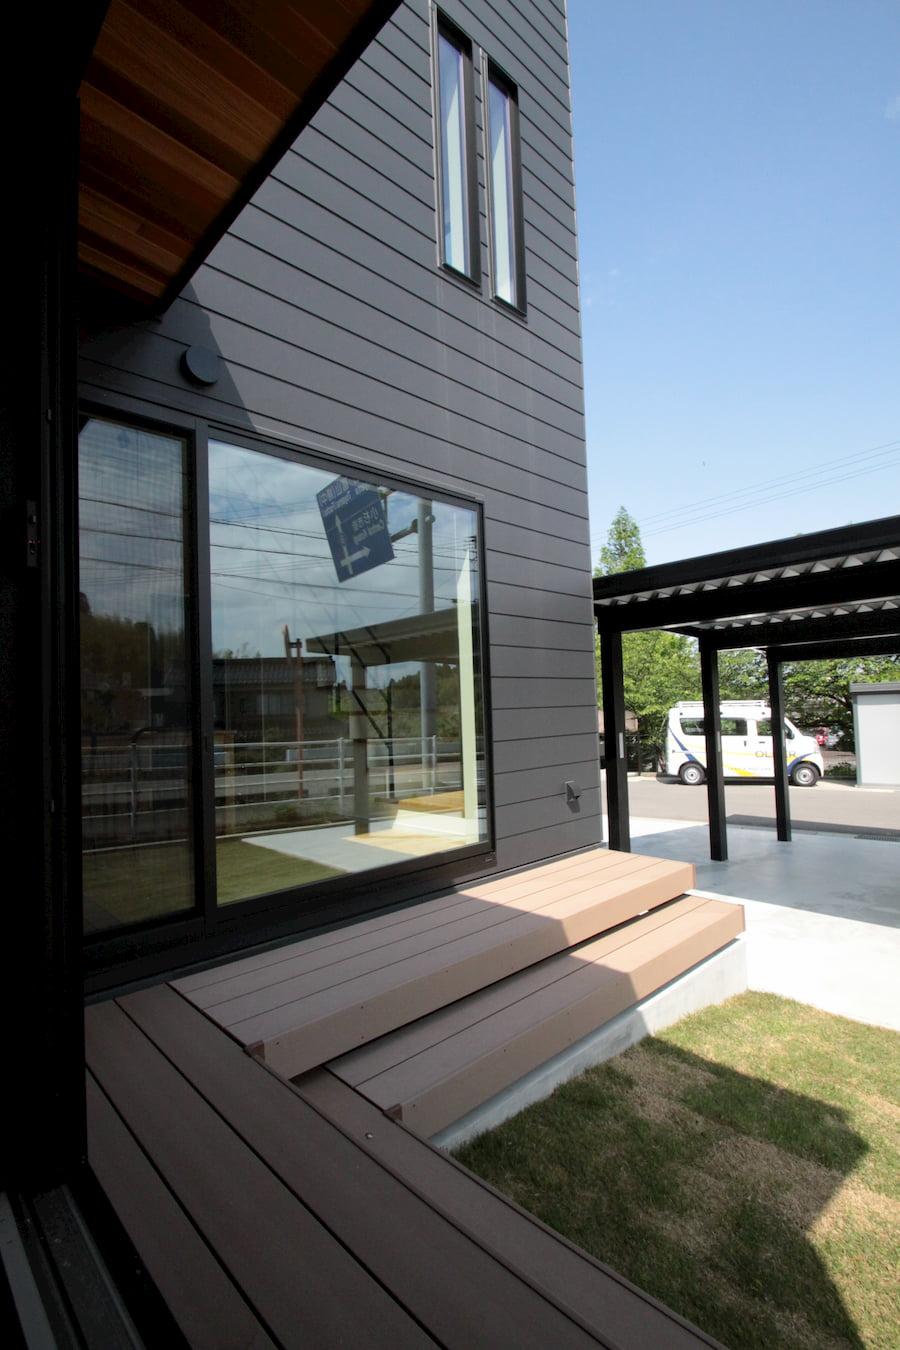 庭をL字に囲んだデッキが、室内と屋外の境界をゆるやかに繋ぎます